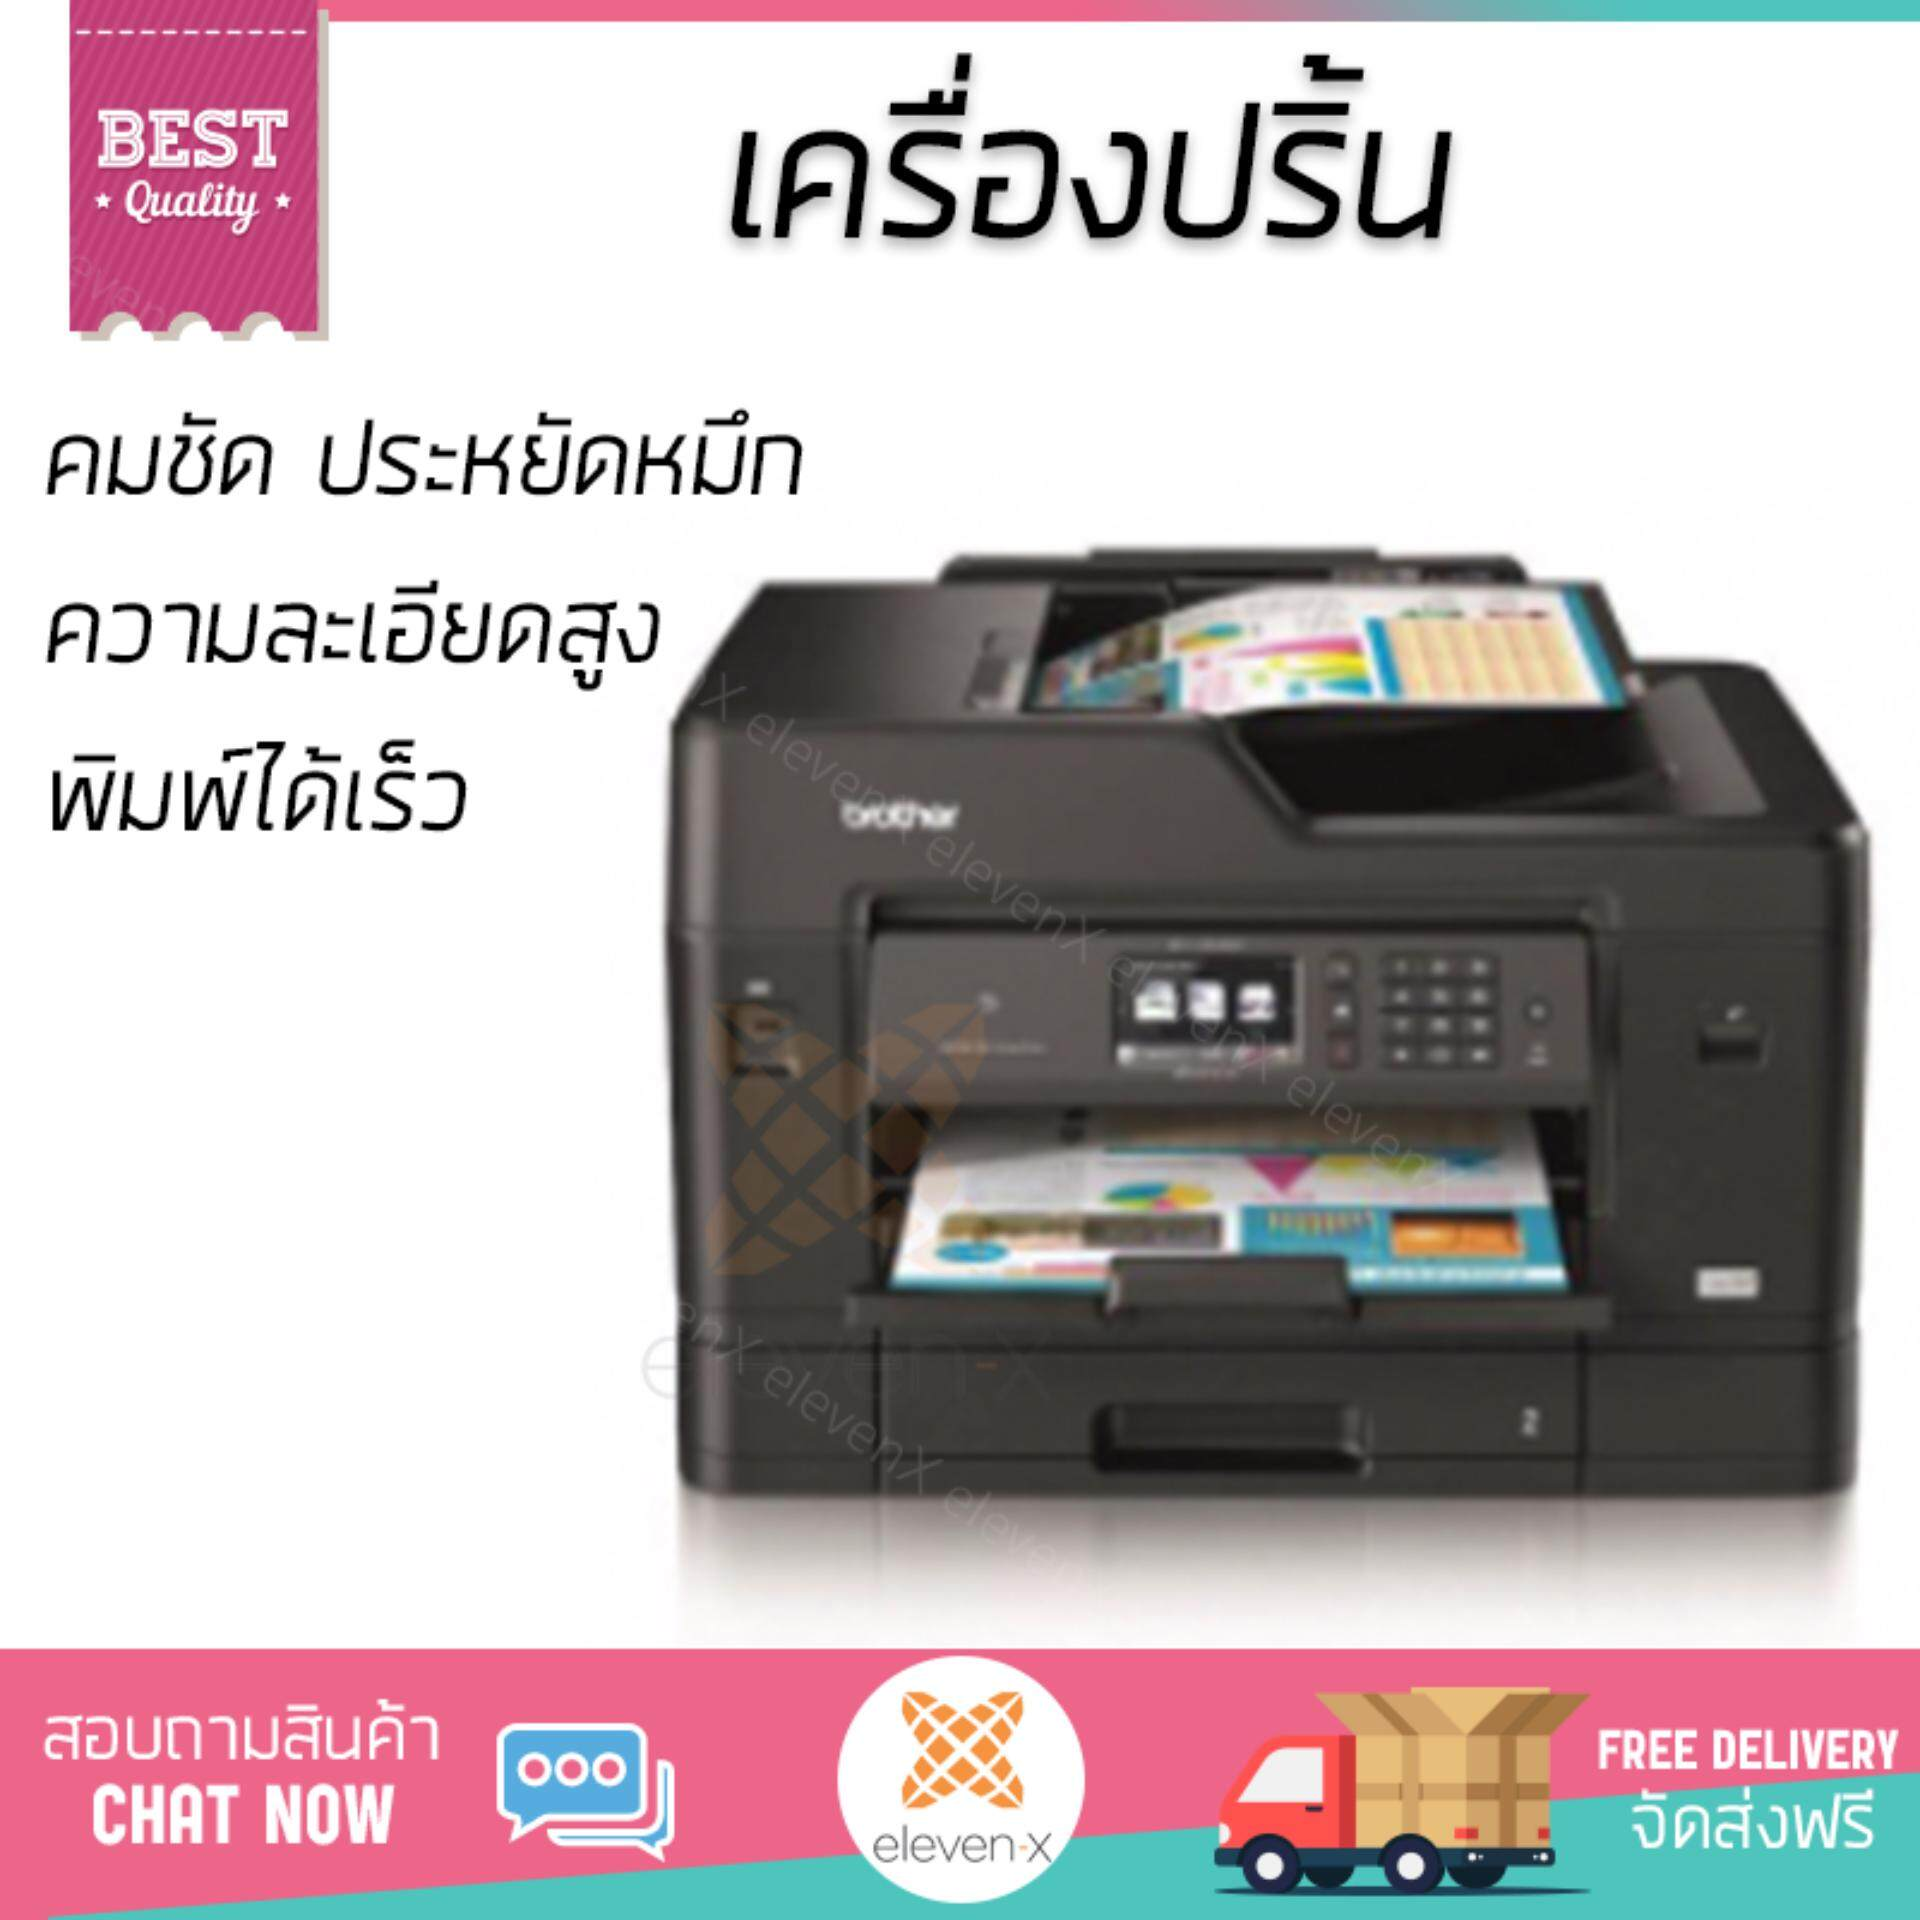 โปรโมชัน เครื่องพิมพ์           BROTHER เครื่องพิมพ์อเนกประสงค์ 6IN1 รุ่น MFC-J3930DW             ความละเอียดสูง คมชัด ประหยัดหมึก เครื่องปริ้น เครื่องปริ้นท์ All in one Printer รับประกันสินค้า 1 ปี